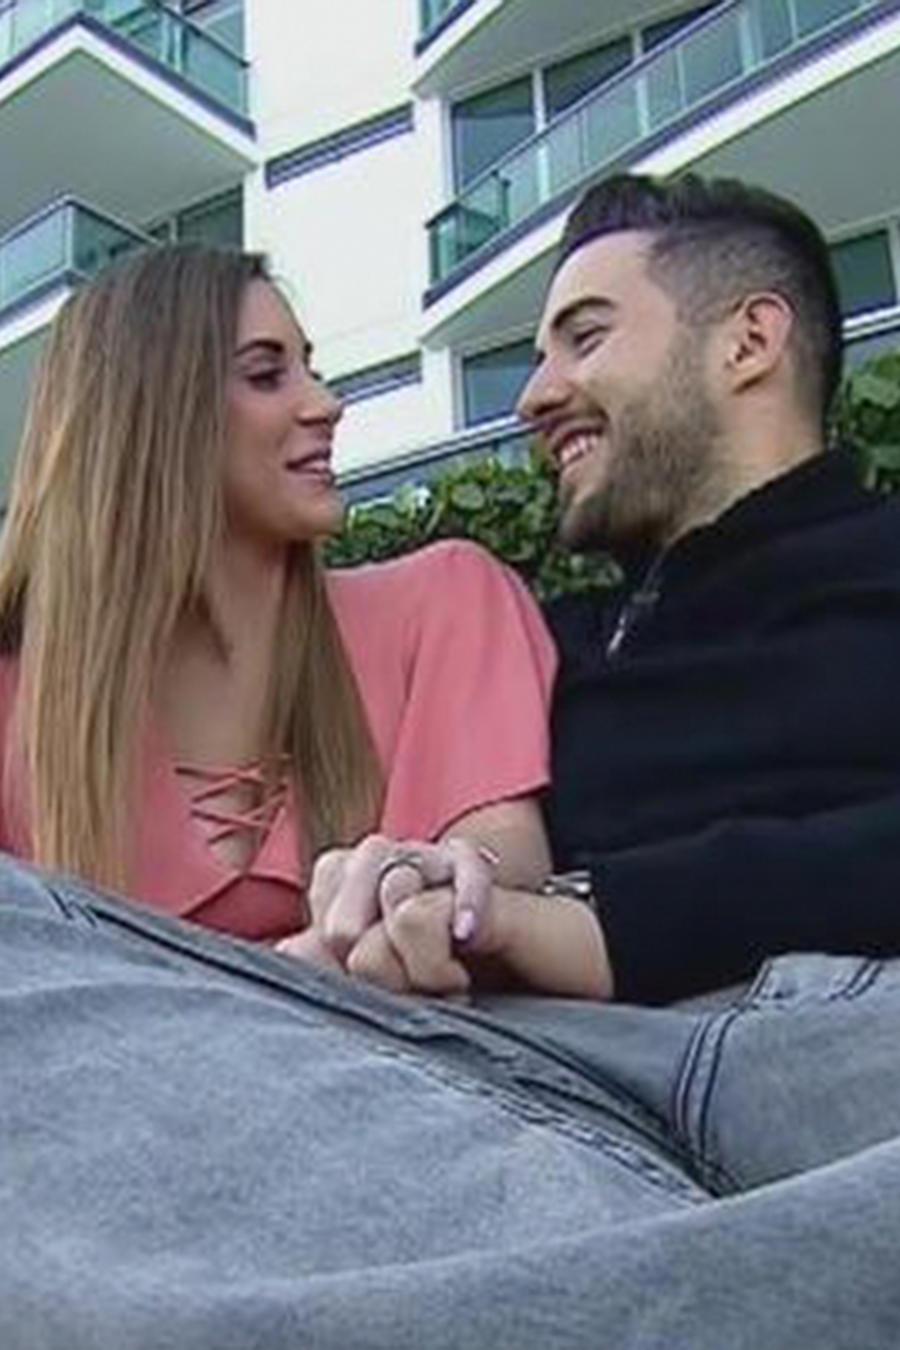 Las rupturas amorosas podrían ser contagiosas según confirmó un estudio científico